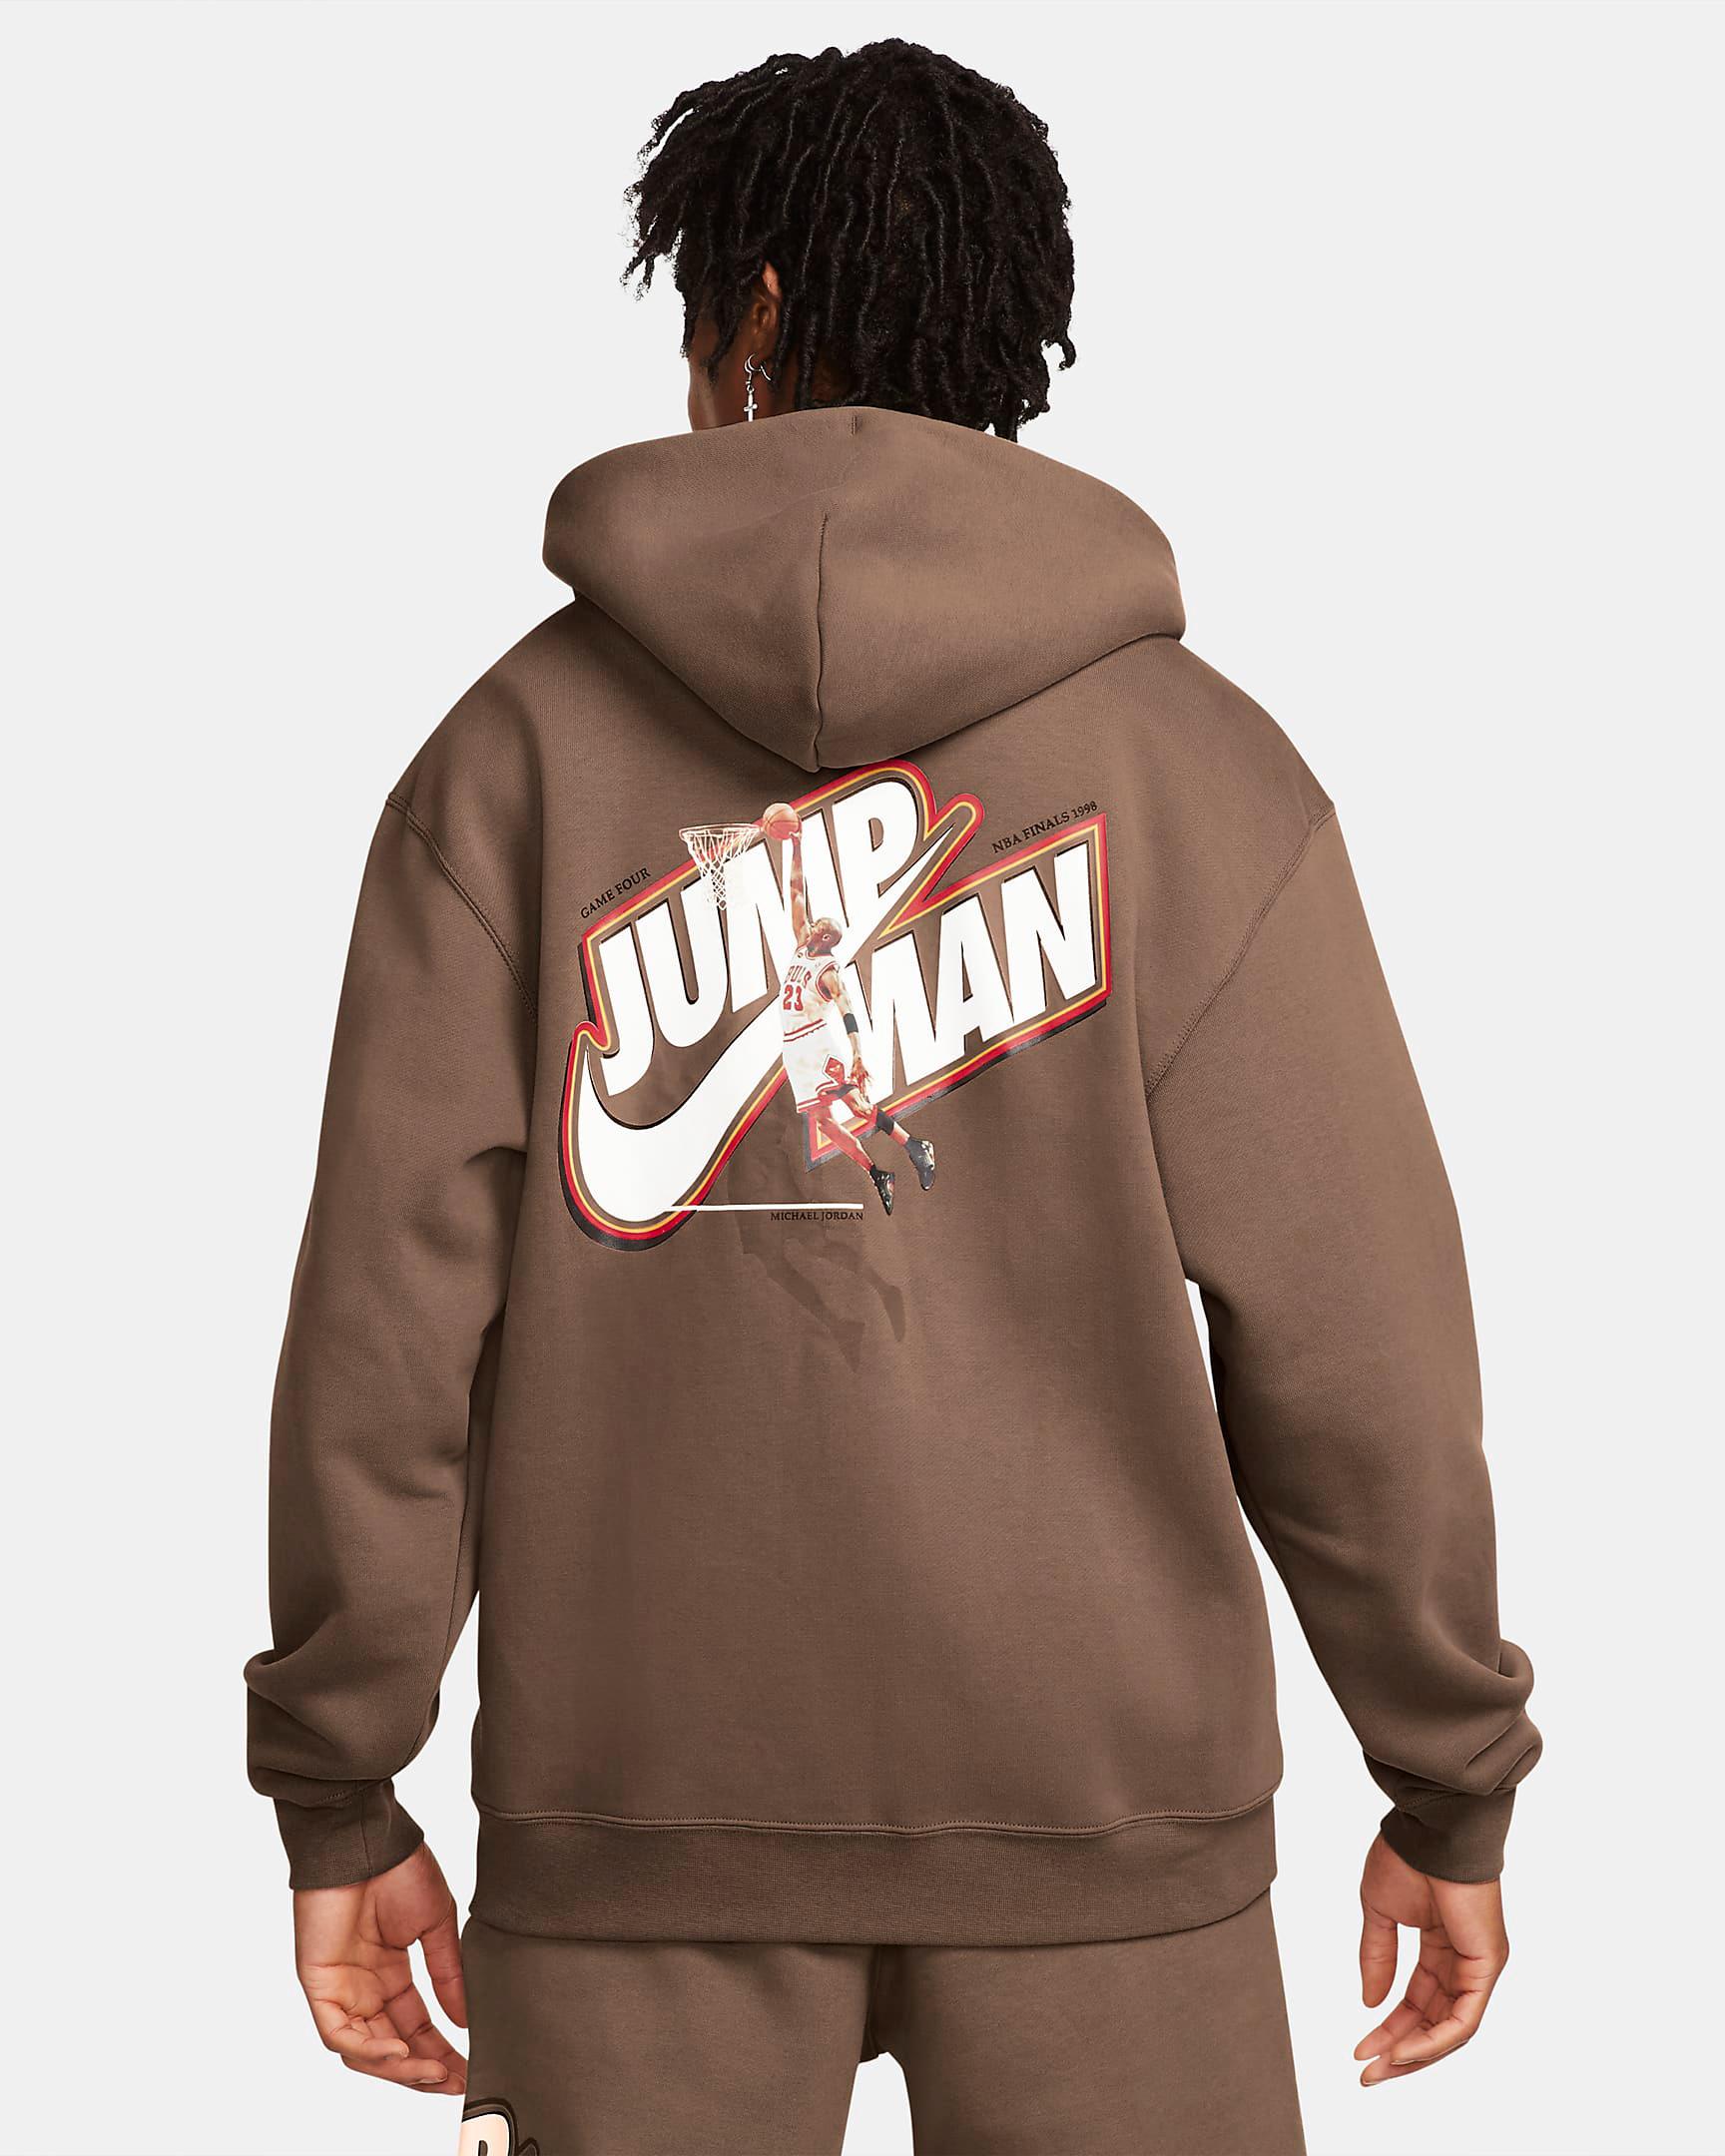 jordan-jumpman-zip-hoodie-archaeo-brown-2